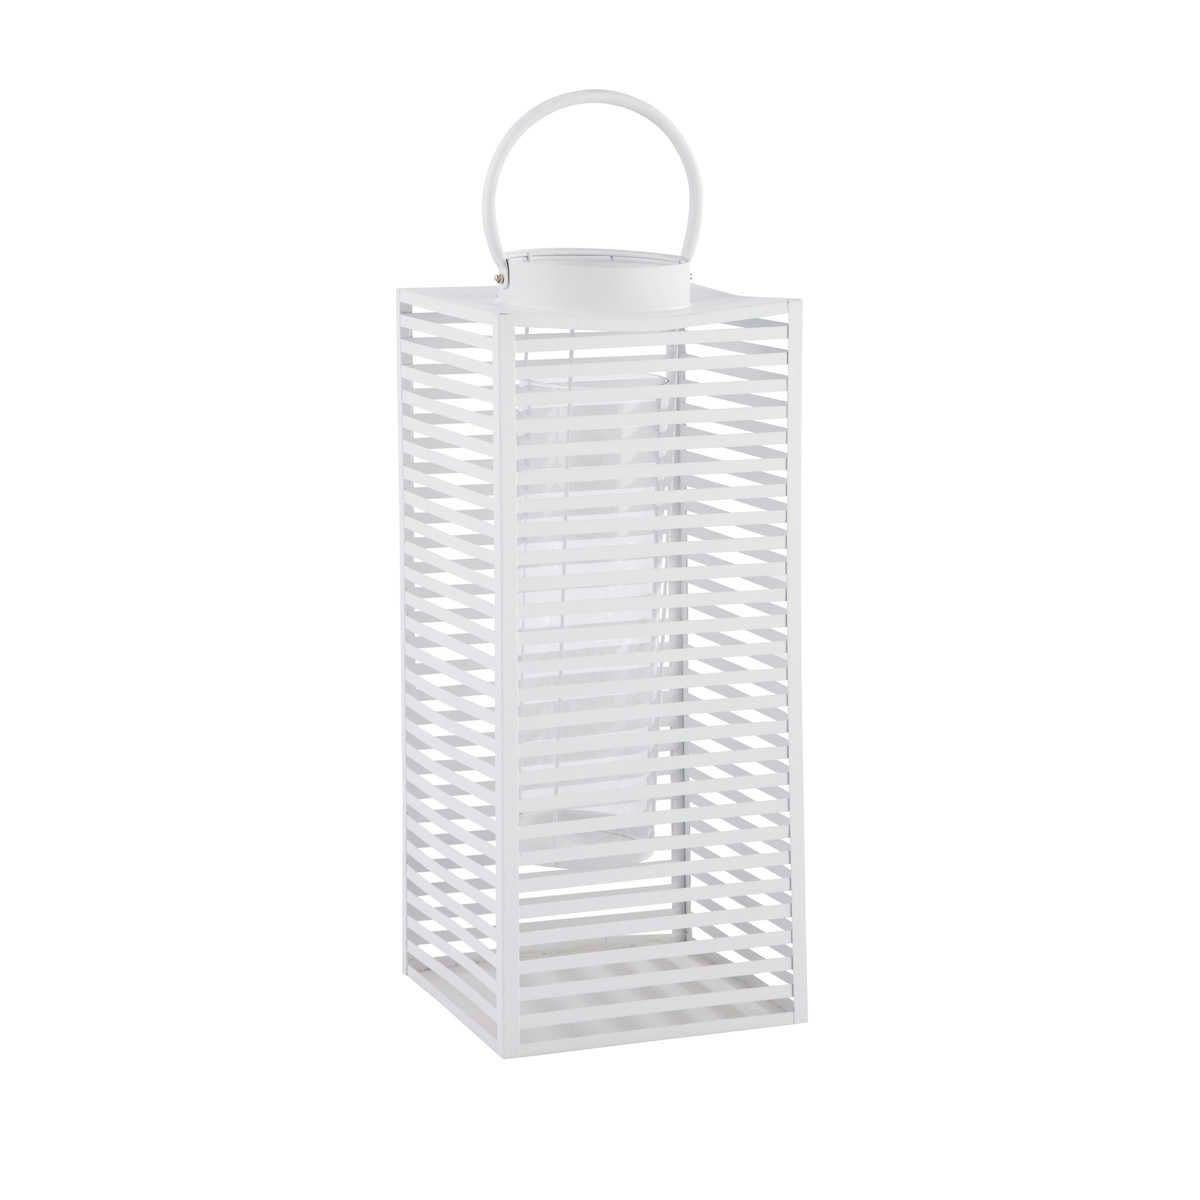 Maison du monde Ambiance scandinave ou bord de mer Lanterne en métal blanche H 60 cm ELVA Dimensions (cm) : H 60 x L 25 x PR 25  59,99 €